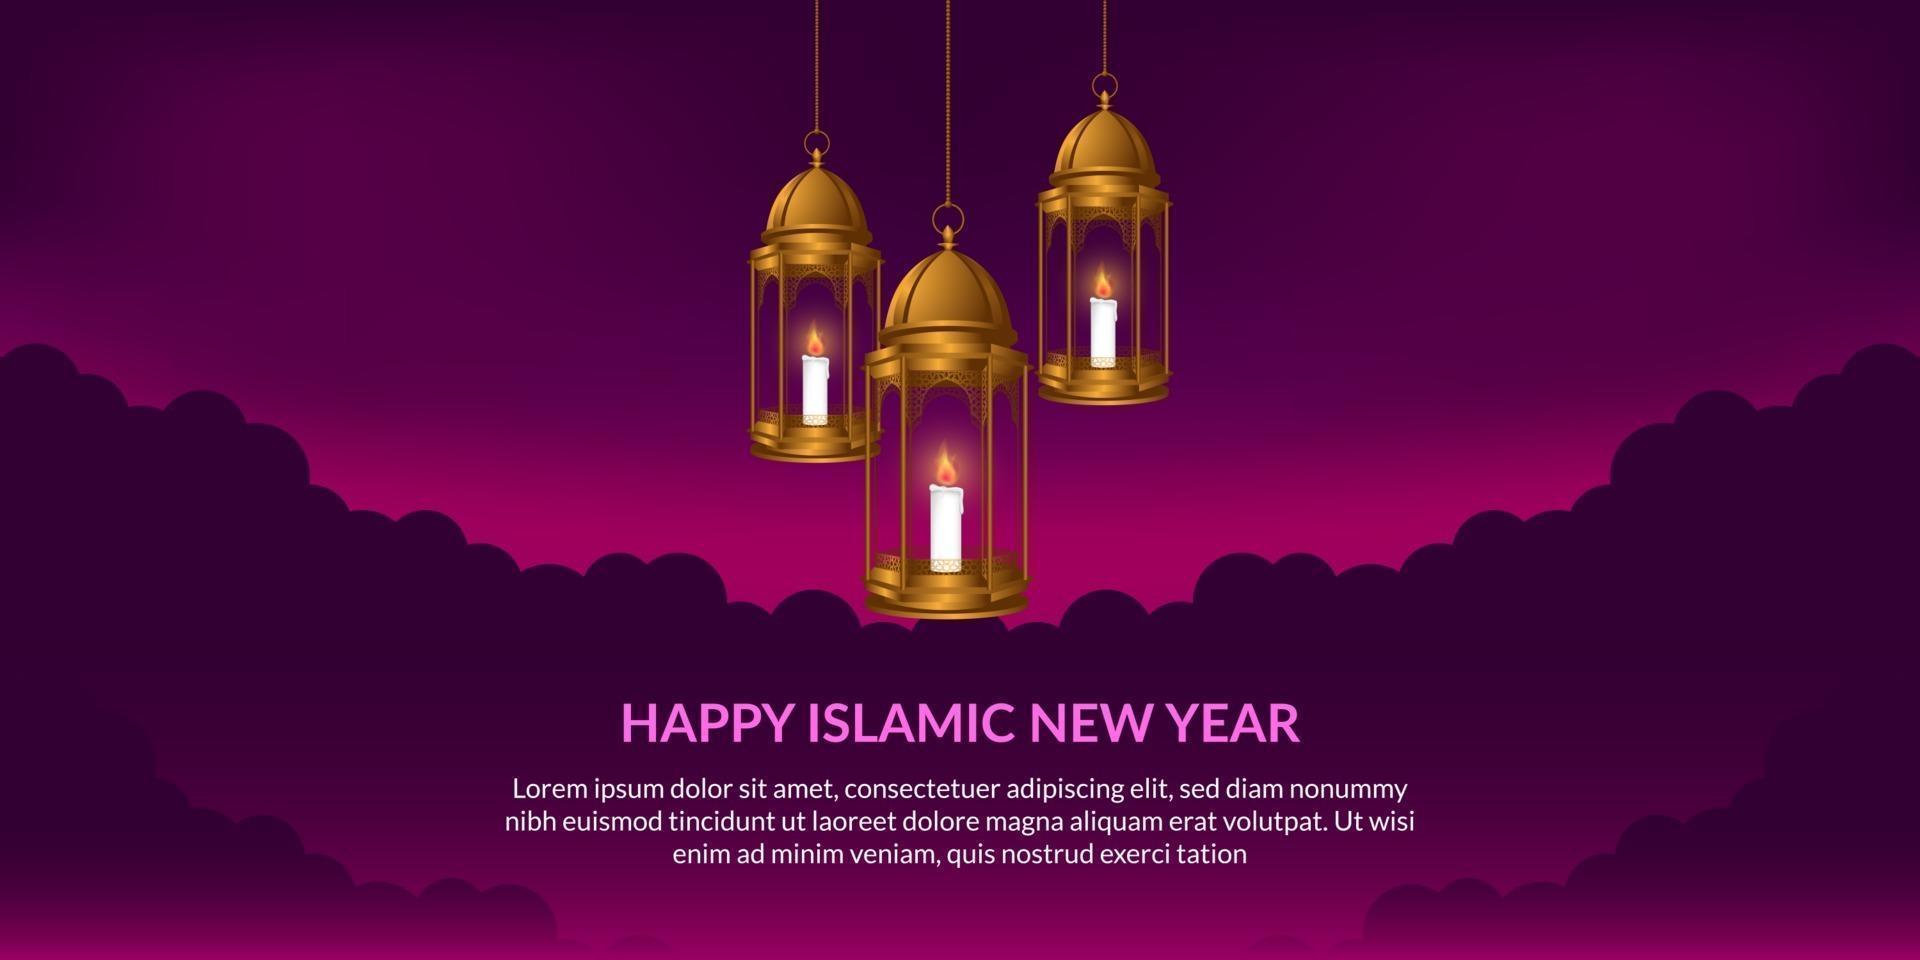 islamitisch nieuwjaar. gelukkige muharram. hangende fanous Arabische gouden lantaarn met paarse achtergrond. vector